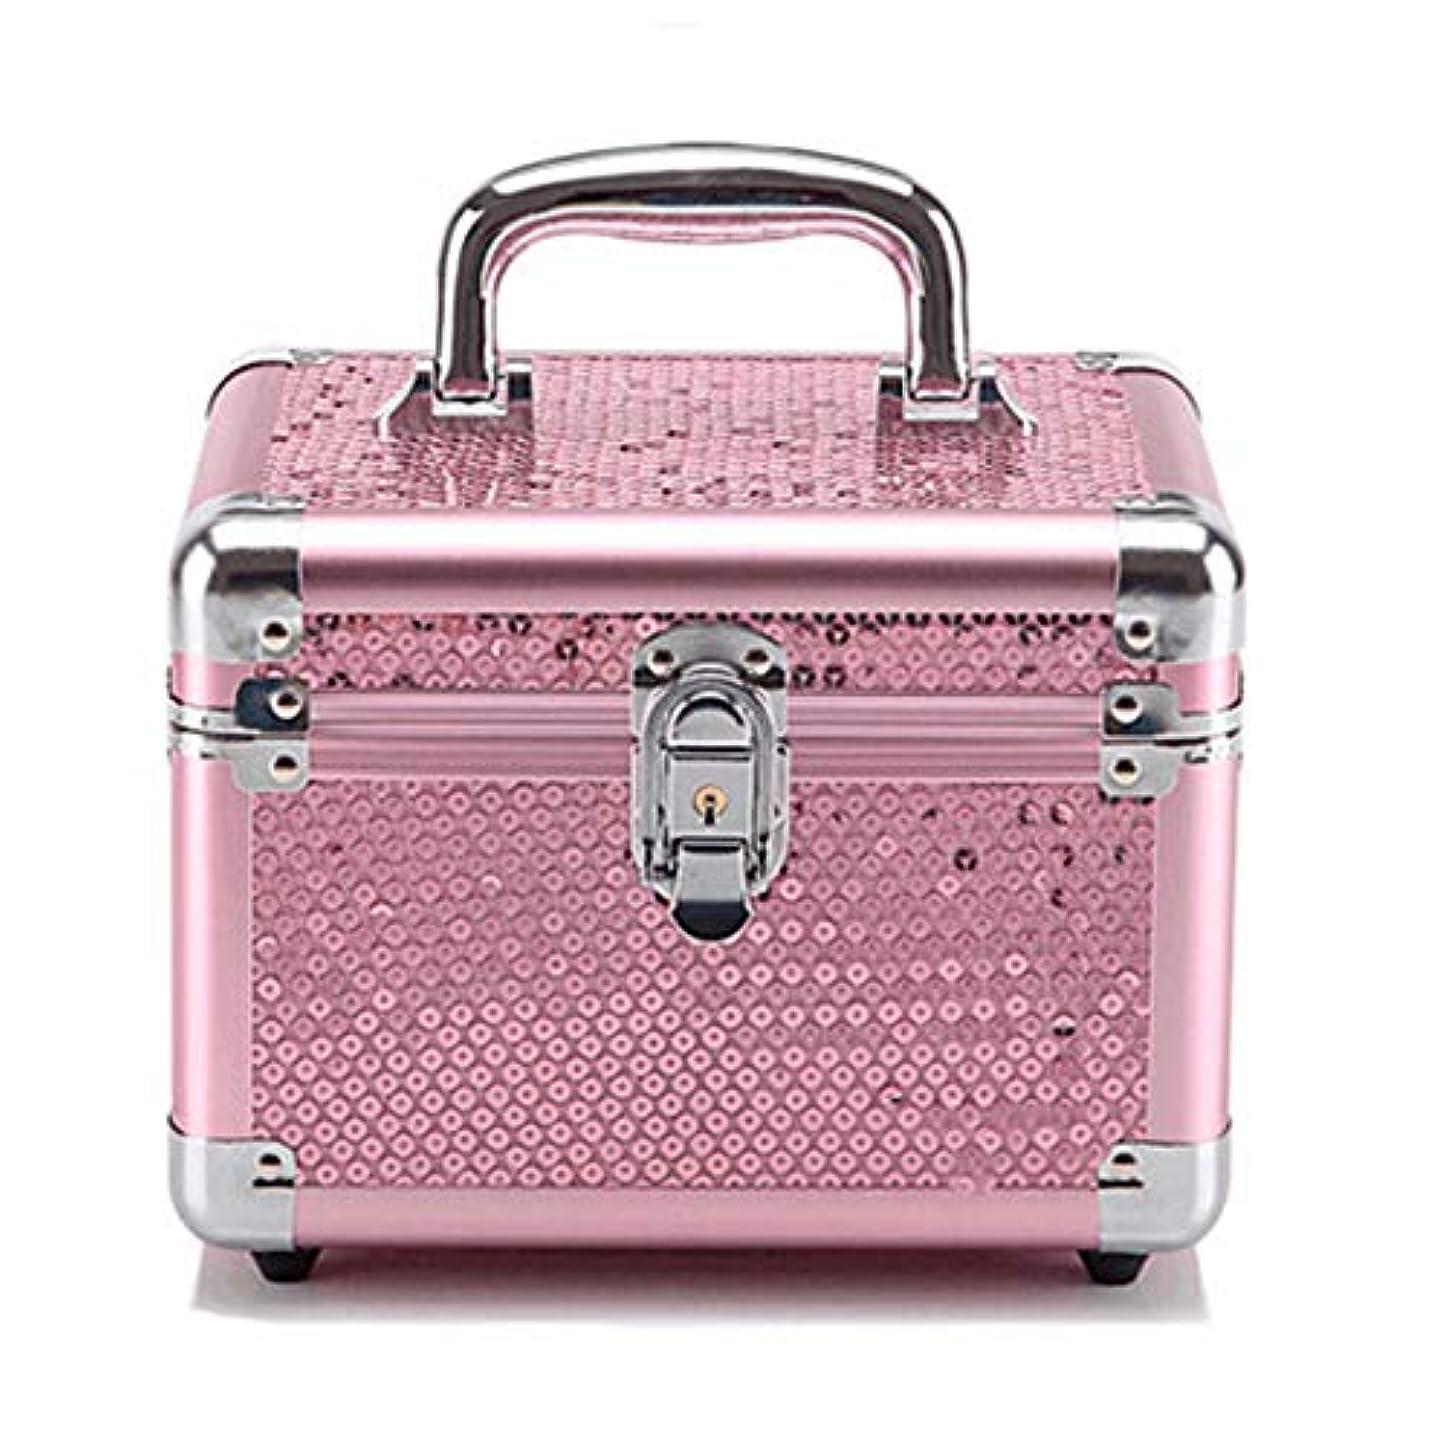 嵐霧クラックポット特大スペース収納ビューティーボックス 美の構造のためそしてジッパーおよび折る皿が付いている女の子の女性旅行そして毎日の貯蔵のための高容量の携帯用化粧品袋 化粧品化粧台 (色 : Rose Red(S))